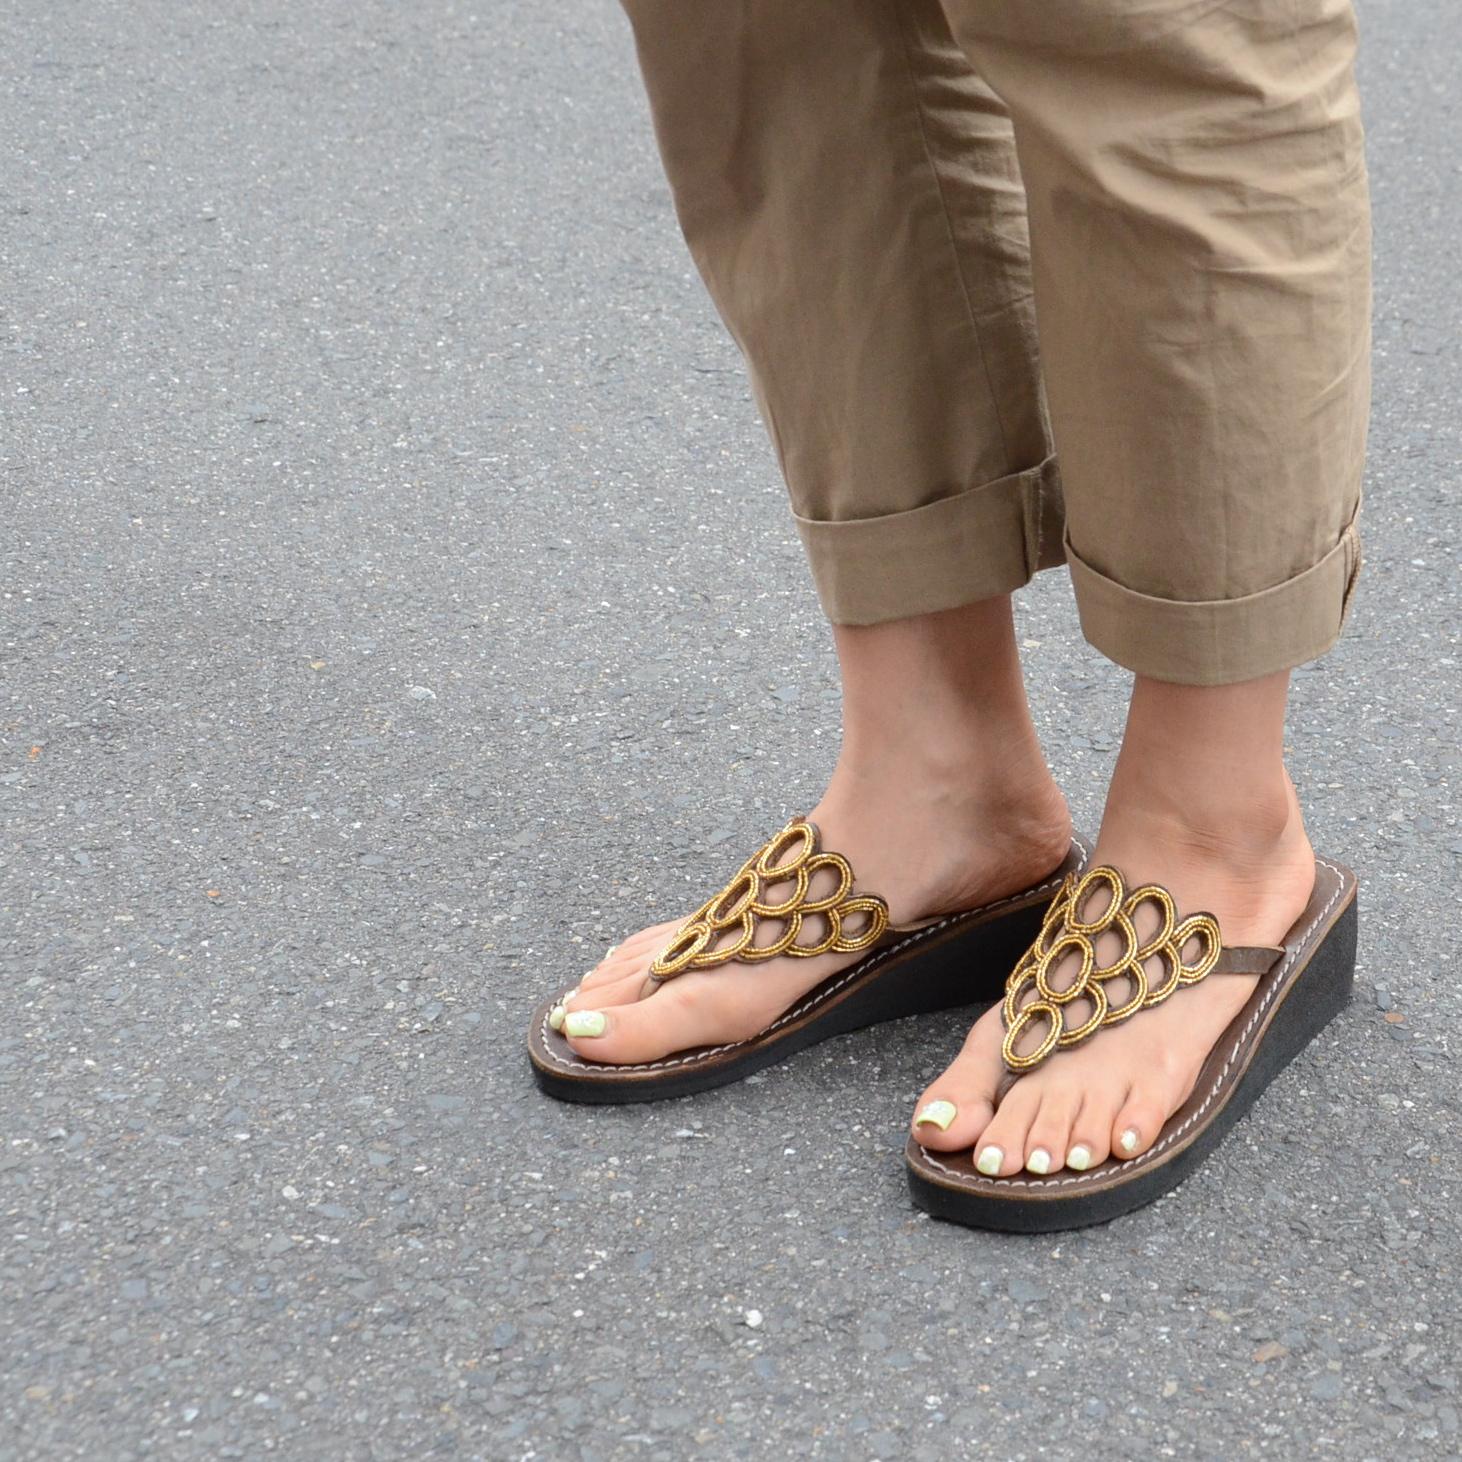 色々なサンダルを履いてお出かけしよう☆人気のサンダルは?のサムネイル画像